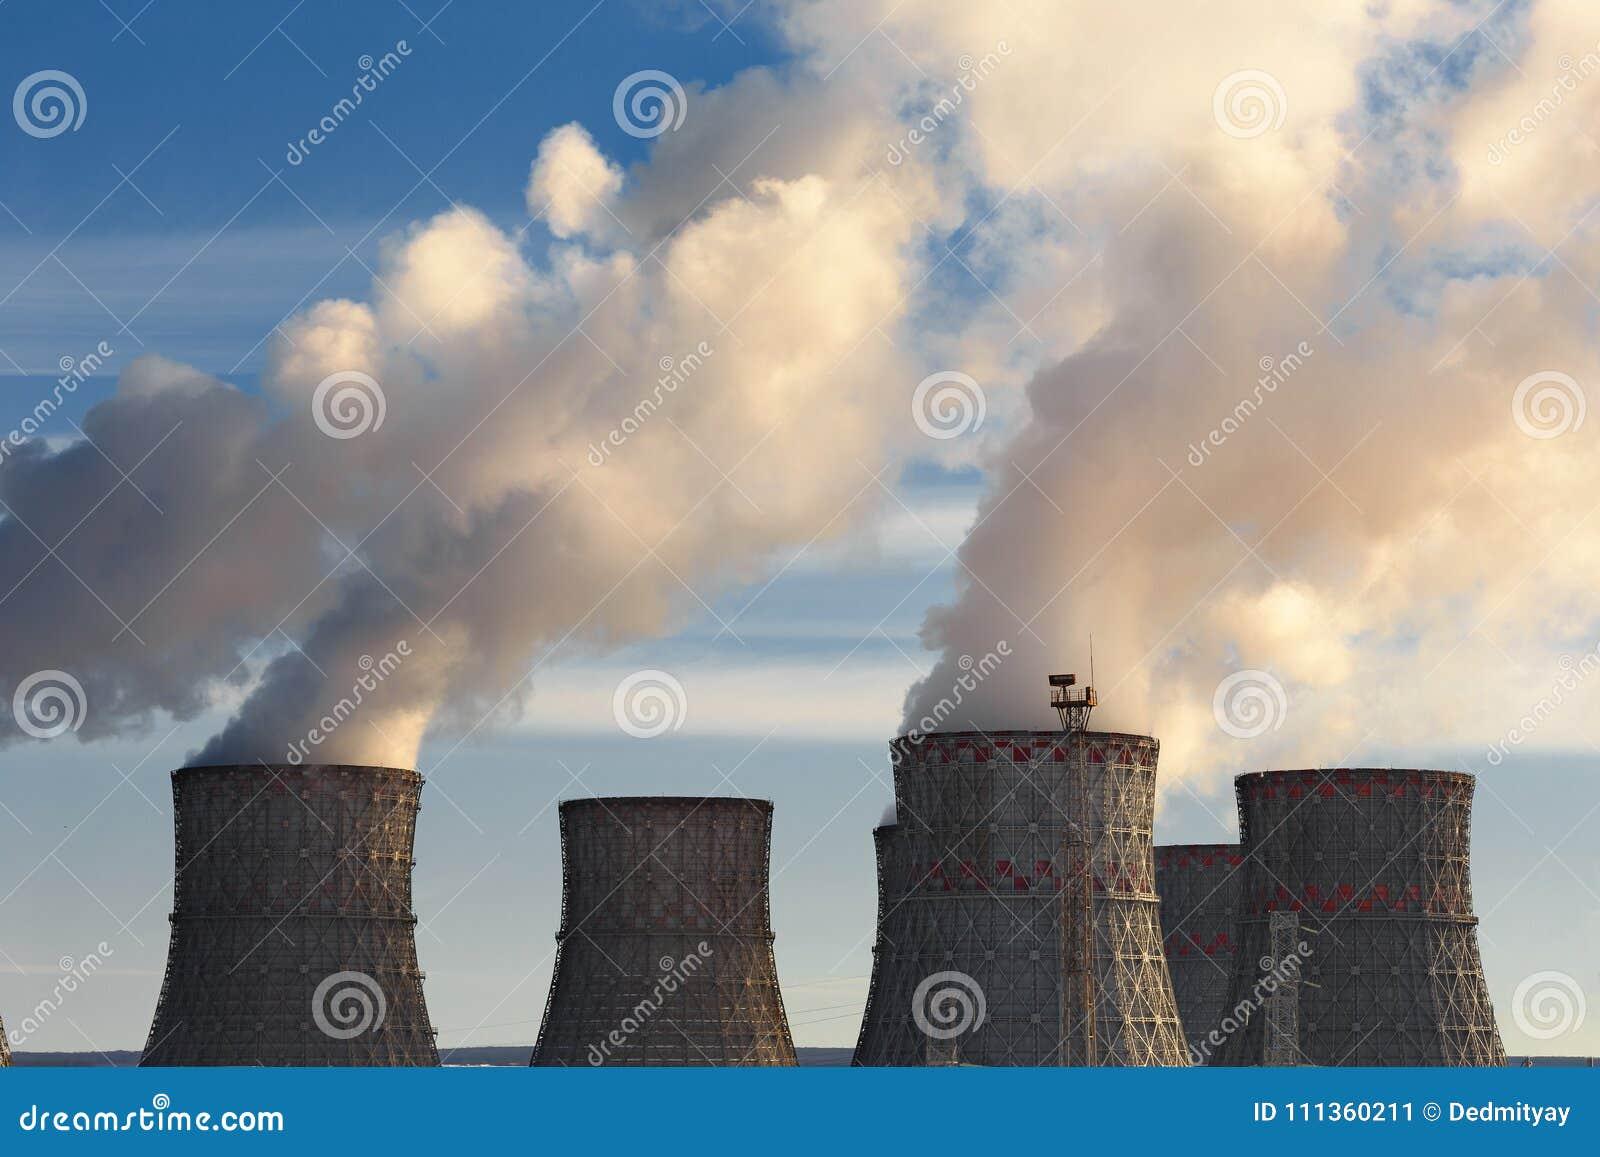 Elektrownia Jądrowa, chmury gęsty dym od chłodniczego góruje lub kominy, atomowy energii atomowej pojęcie